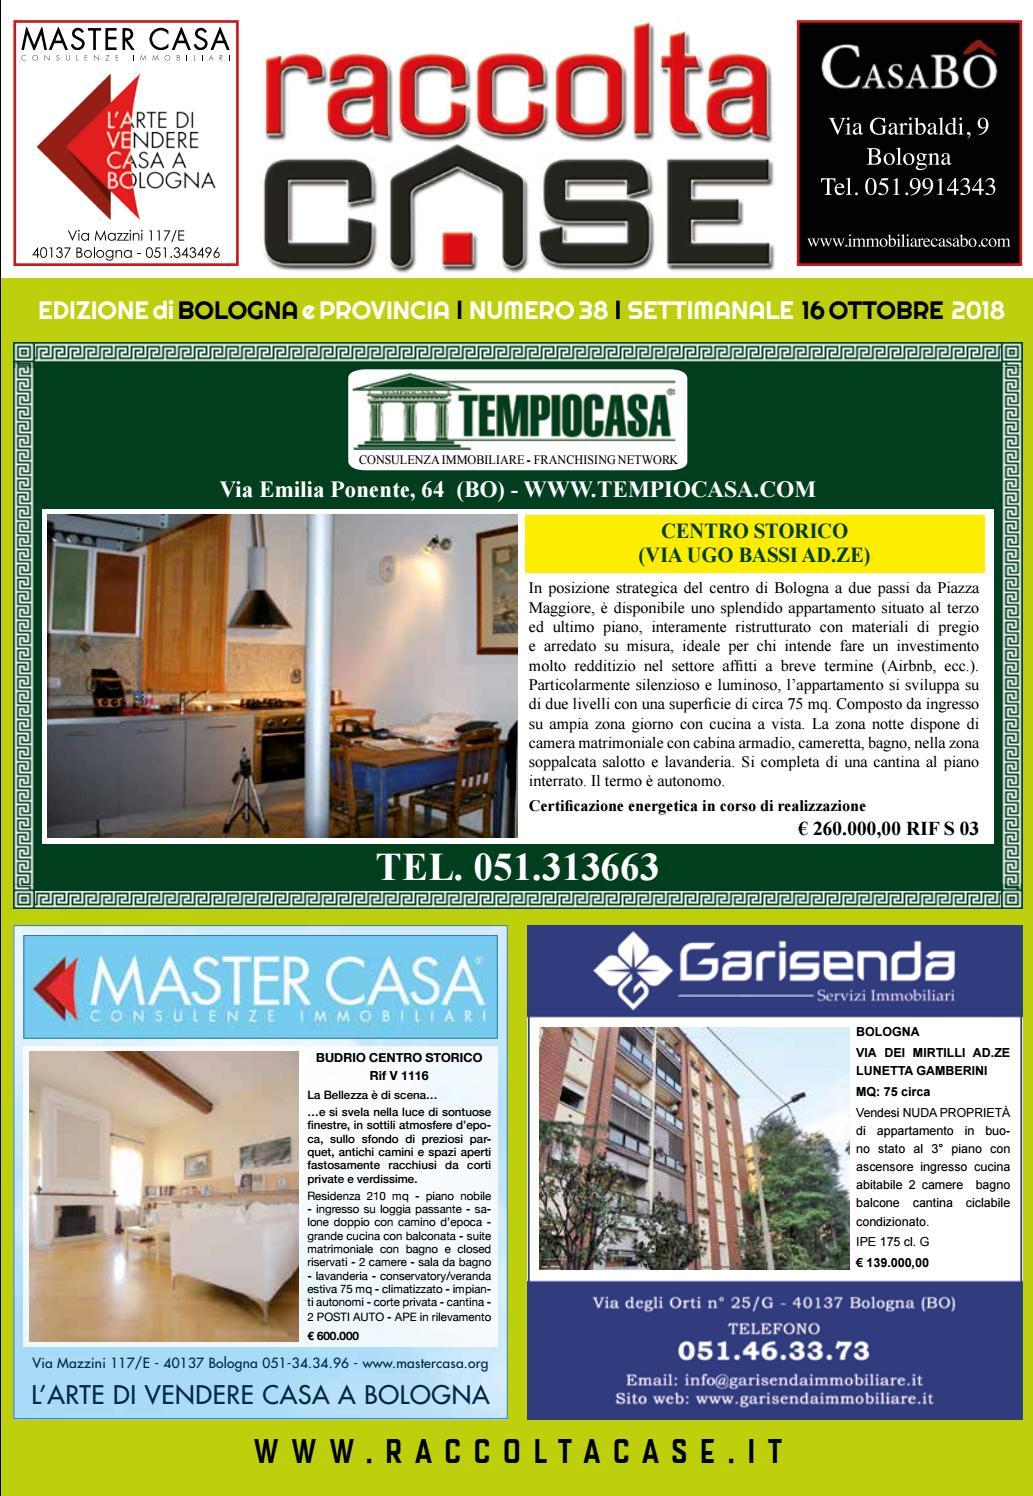 Spazio Vitale Studio Immobiliare raccoltacase bologna 38 - 2018 by publidok s.r.l. - issuu